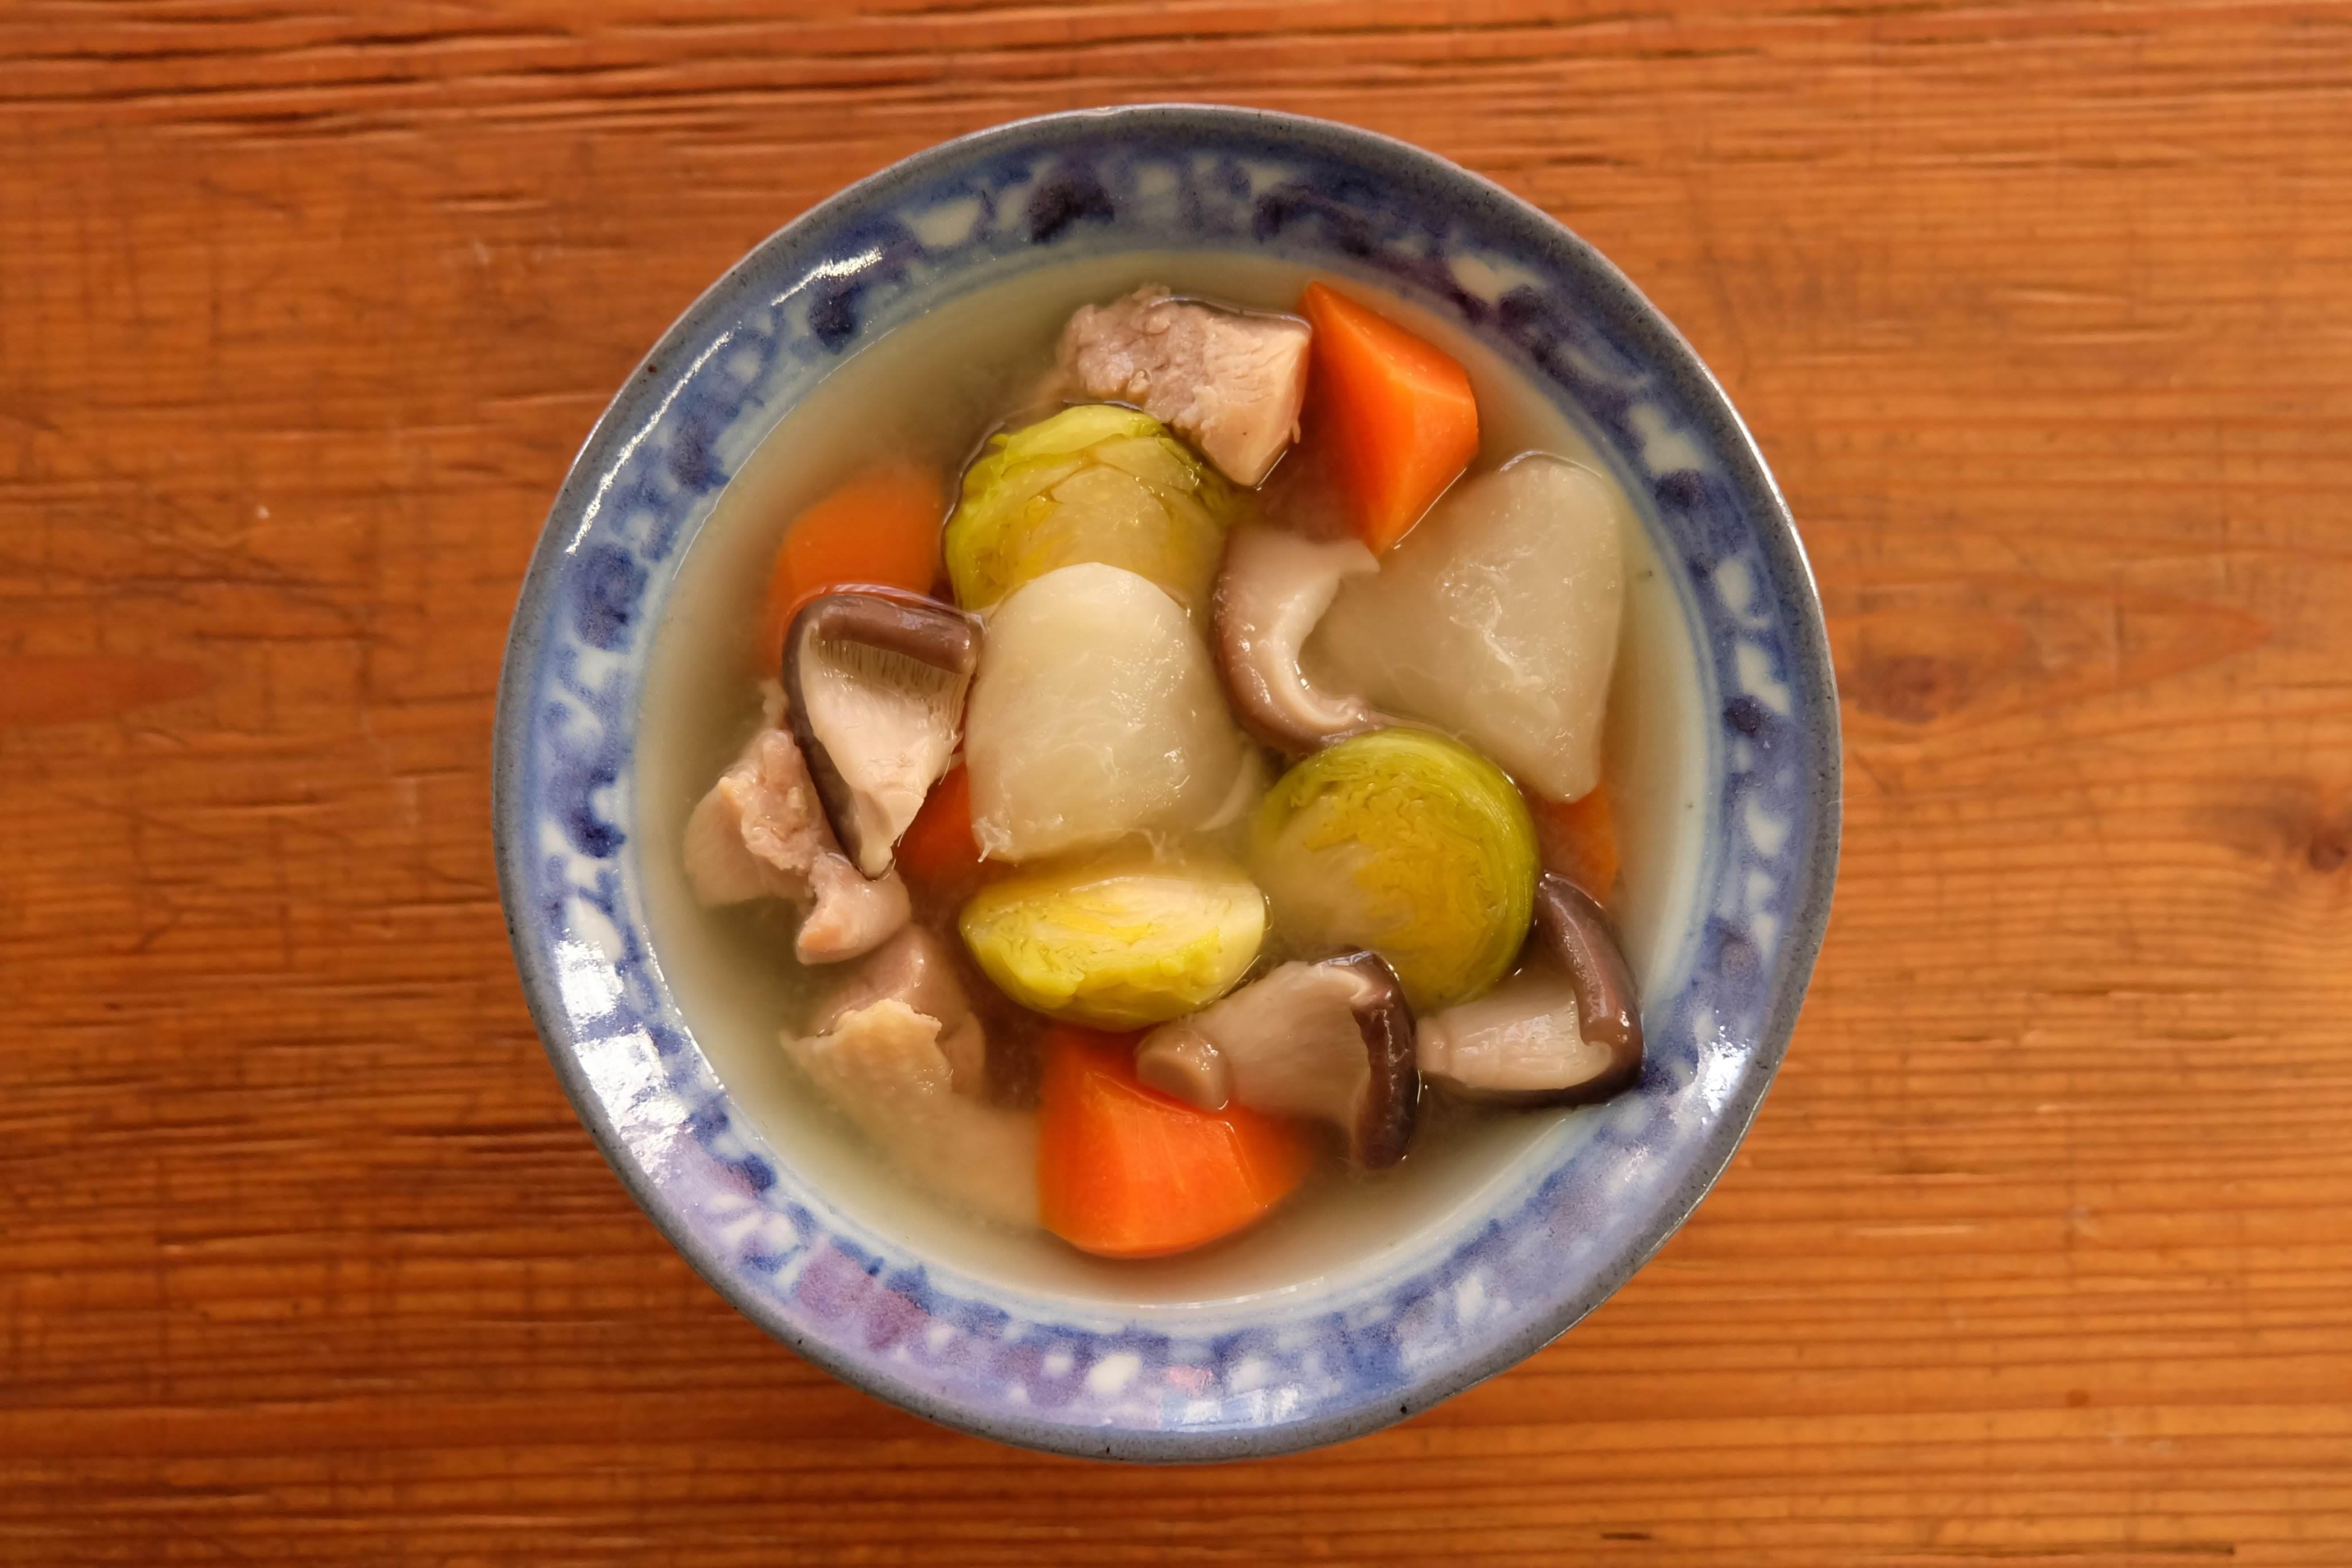 【ツマめしレシピ】04|醗酵と酵素の力で呑んべえにも優しい糀スープ!塩糀も手づくりしてみた!